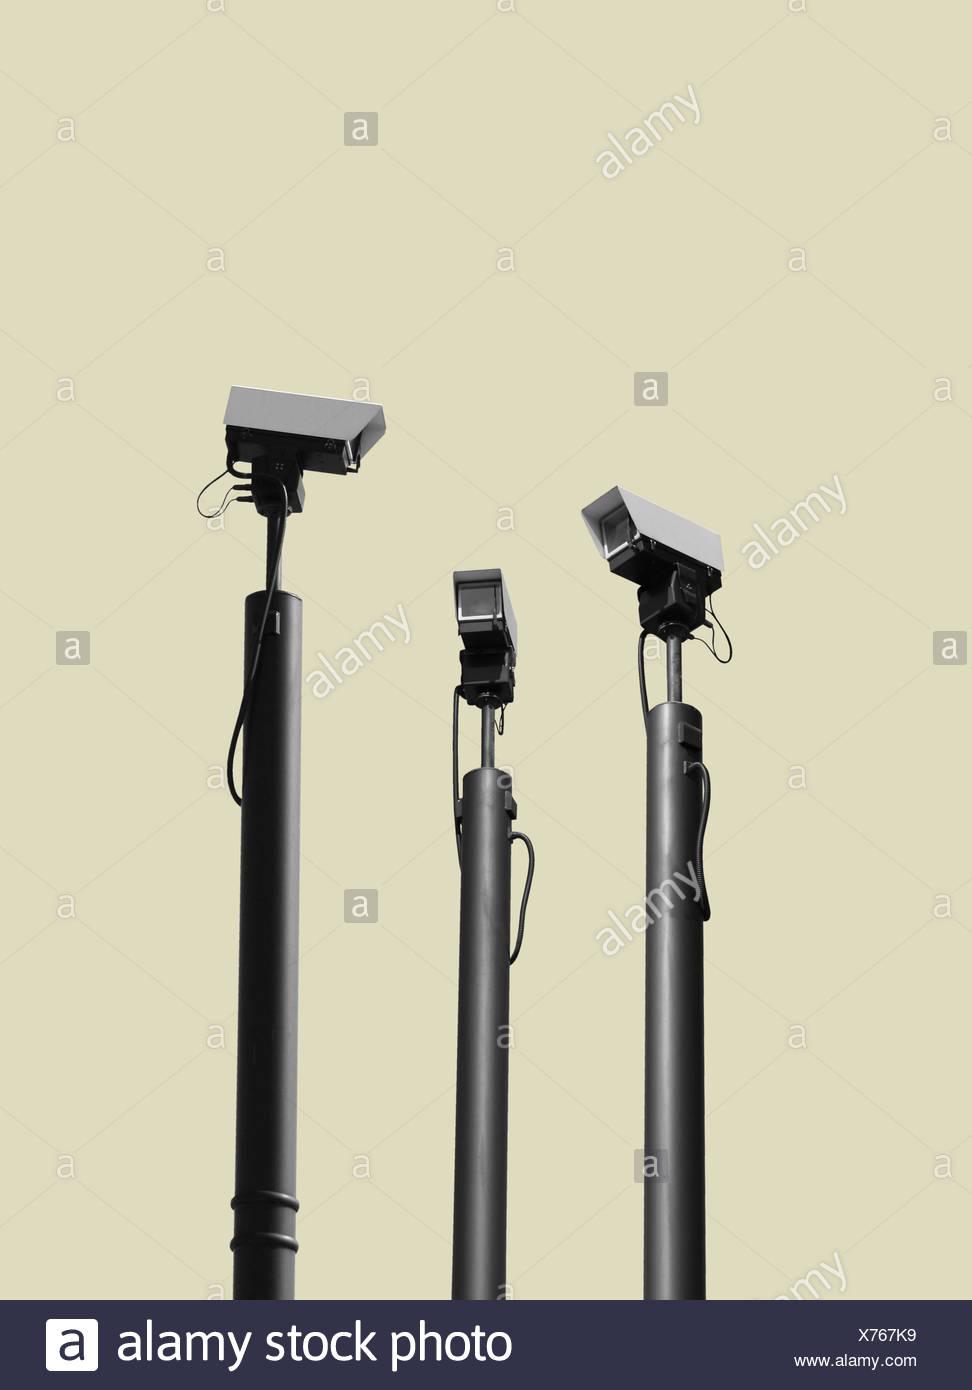 Cámaras CCTV viendo cada otros Imagen De Stock